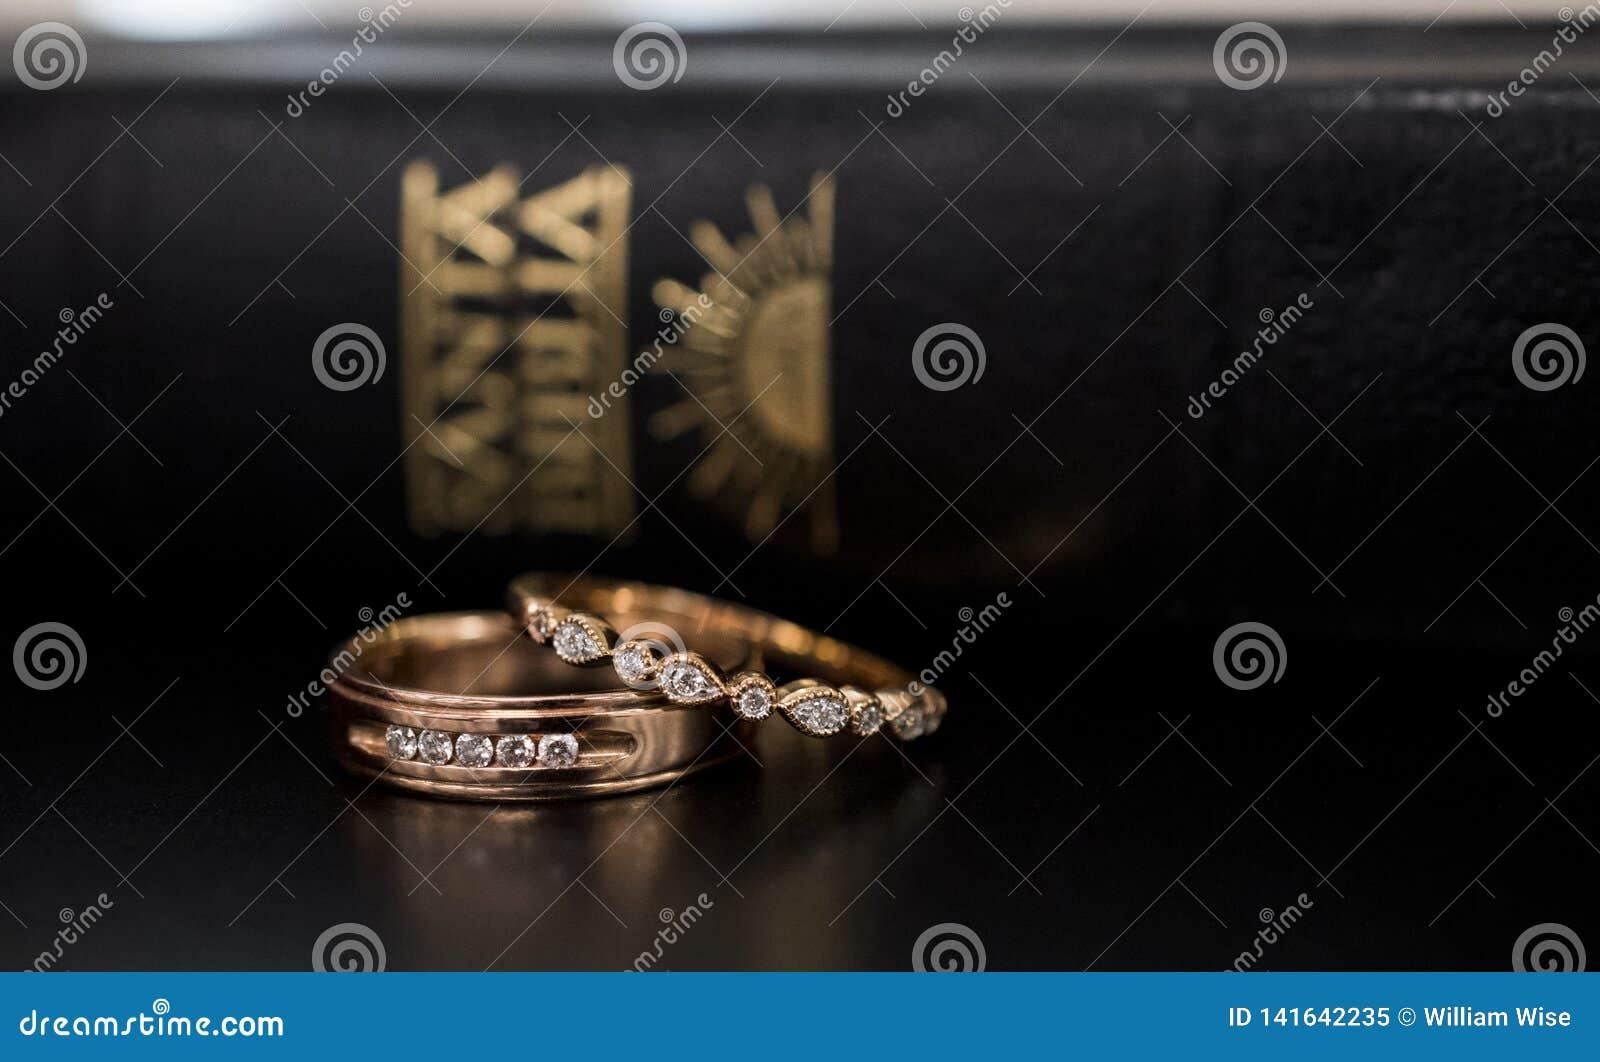 Biblia Y Matrimonio : El matrimonio homosexual qué dice la biblia al respecto ppt